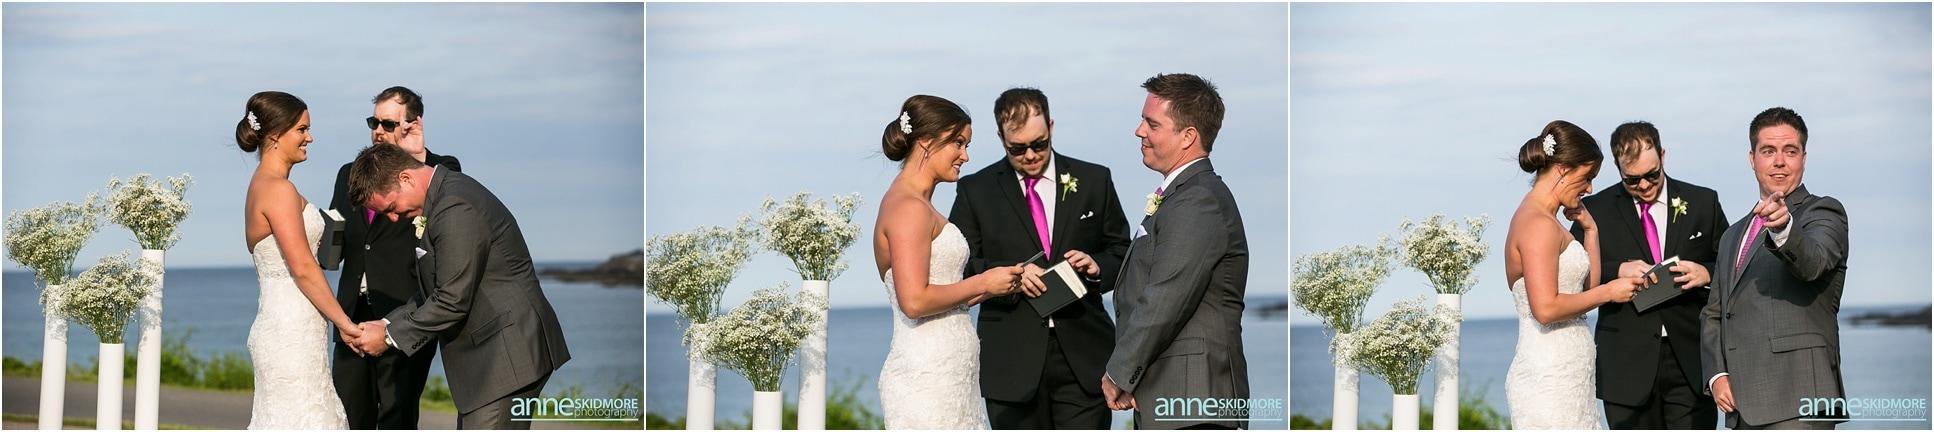 Union_Bluff_Wedding_0033